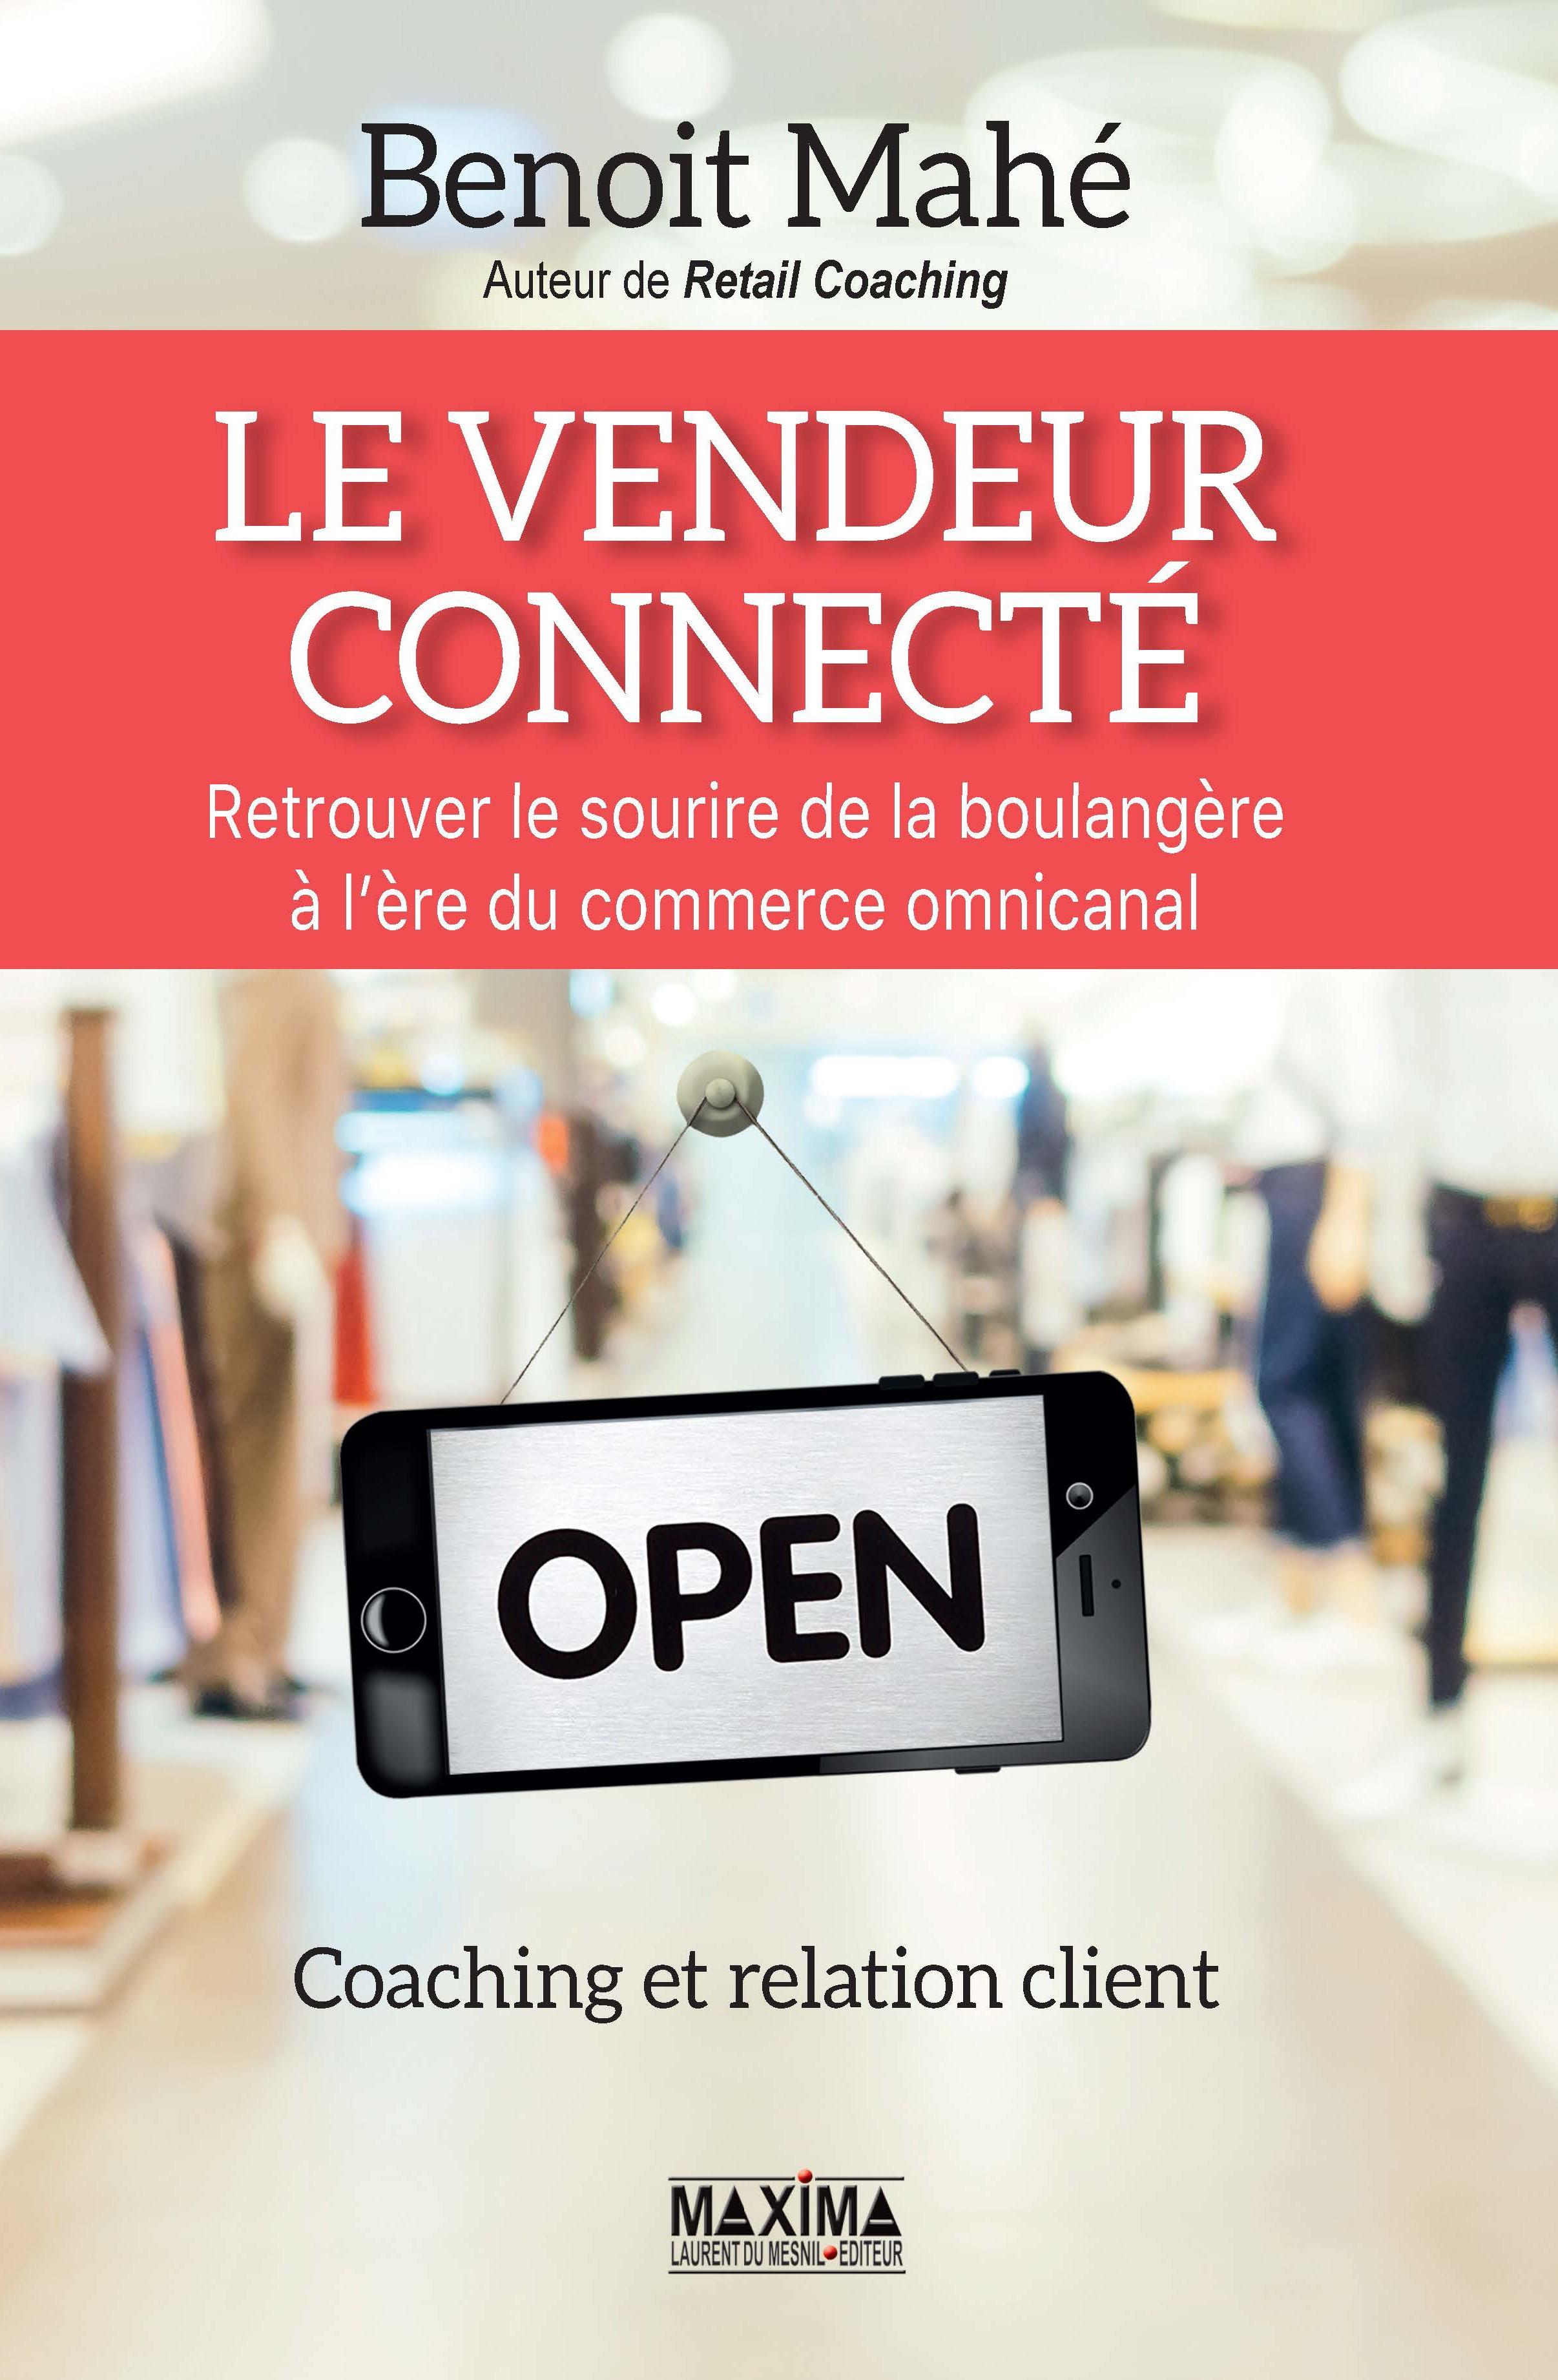 Le vendeur connecté, COACHING ET RELATION CLIENT À L'ÈRE DE L'OMNICANAL